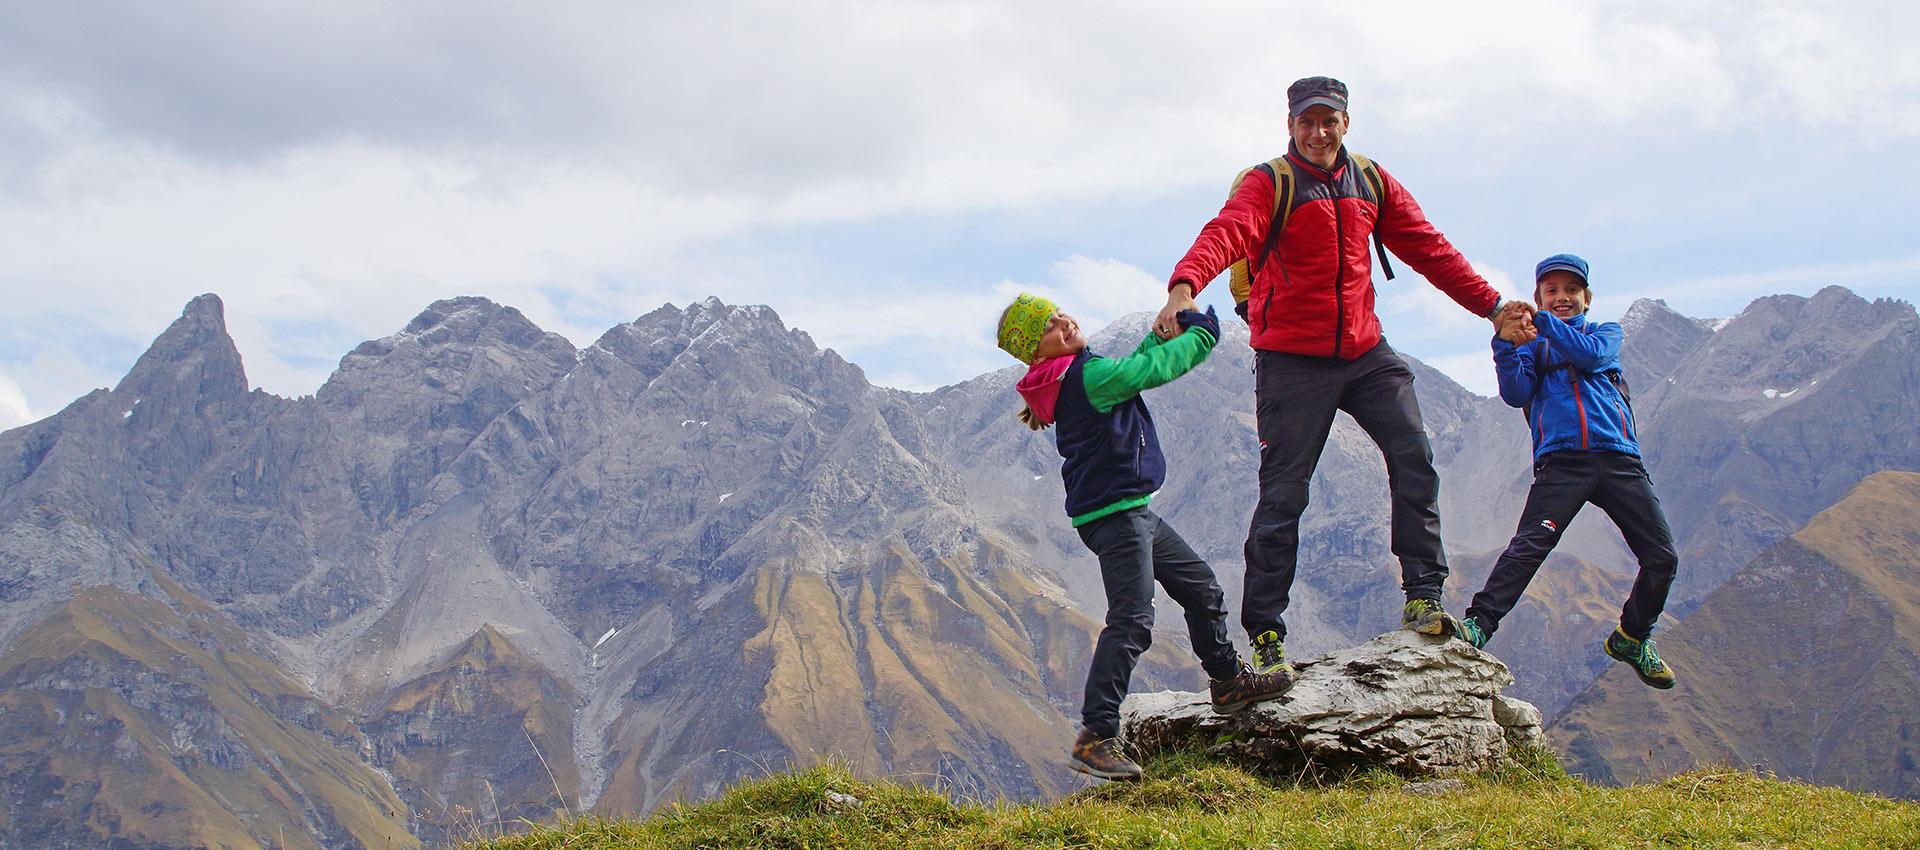 Freizeitparadies vor dem Alpenhauptkamm